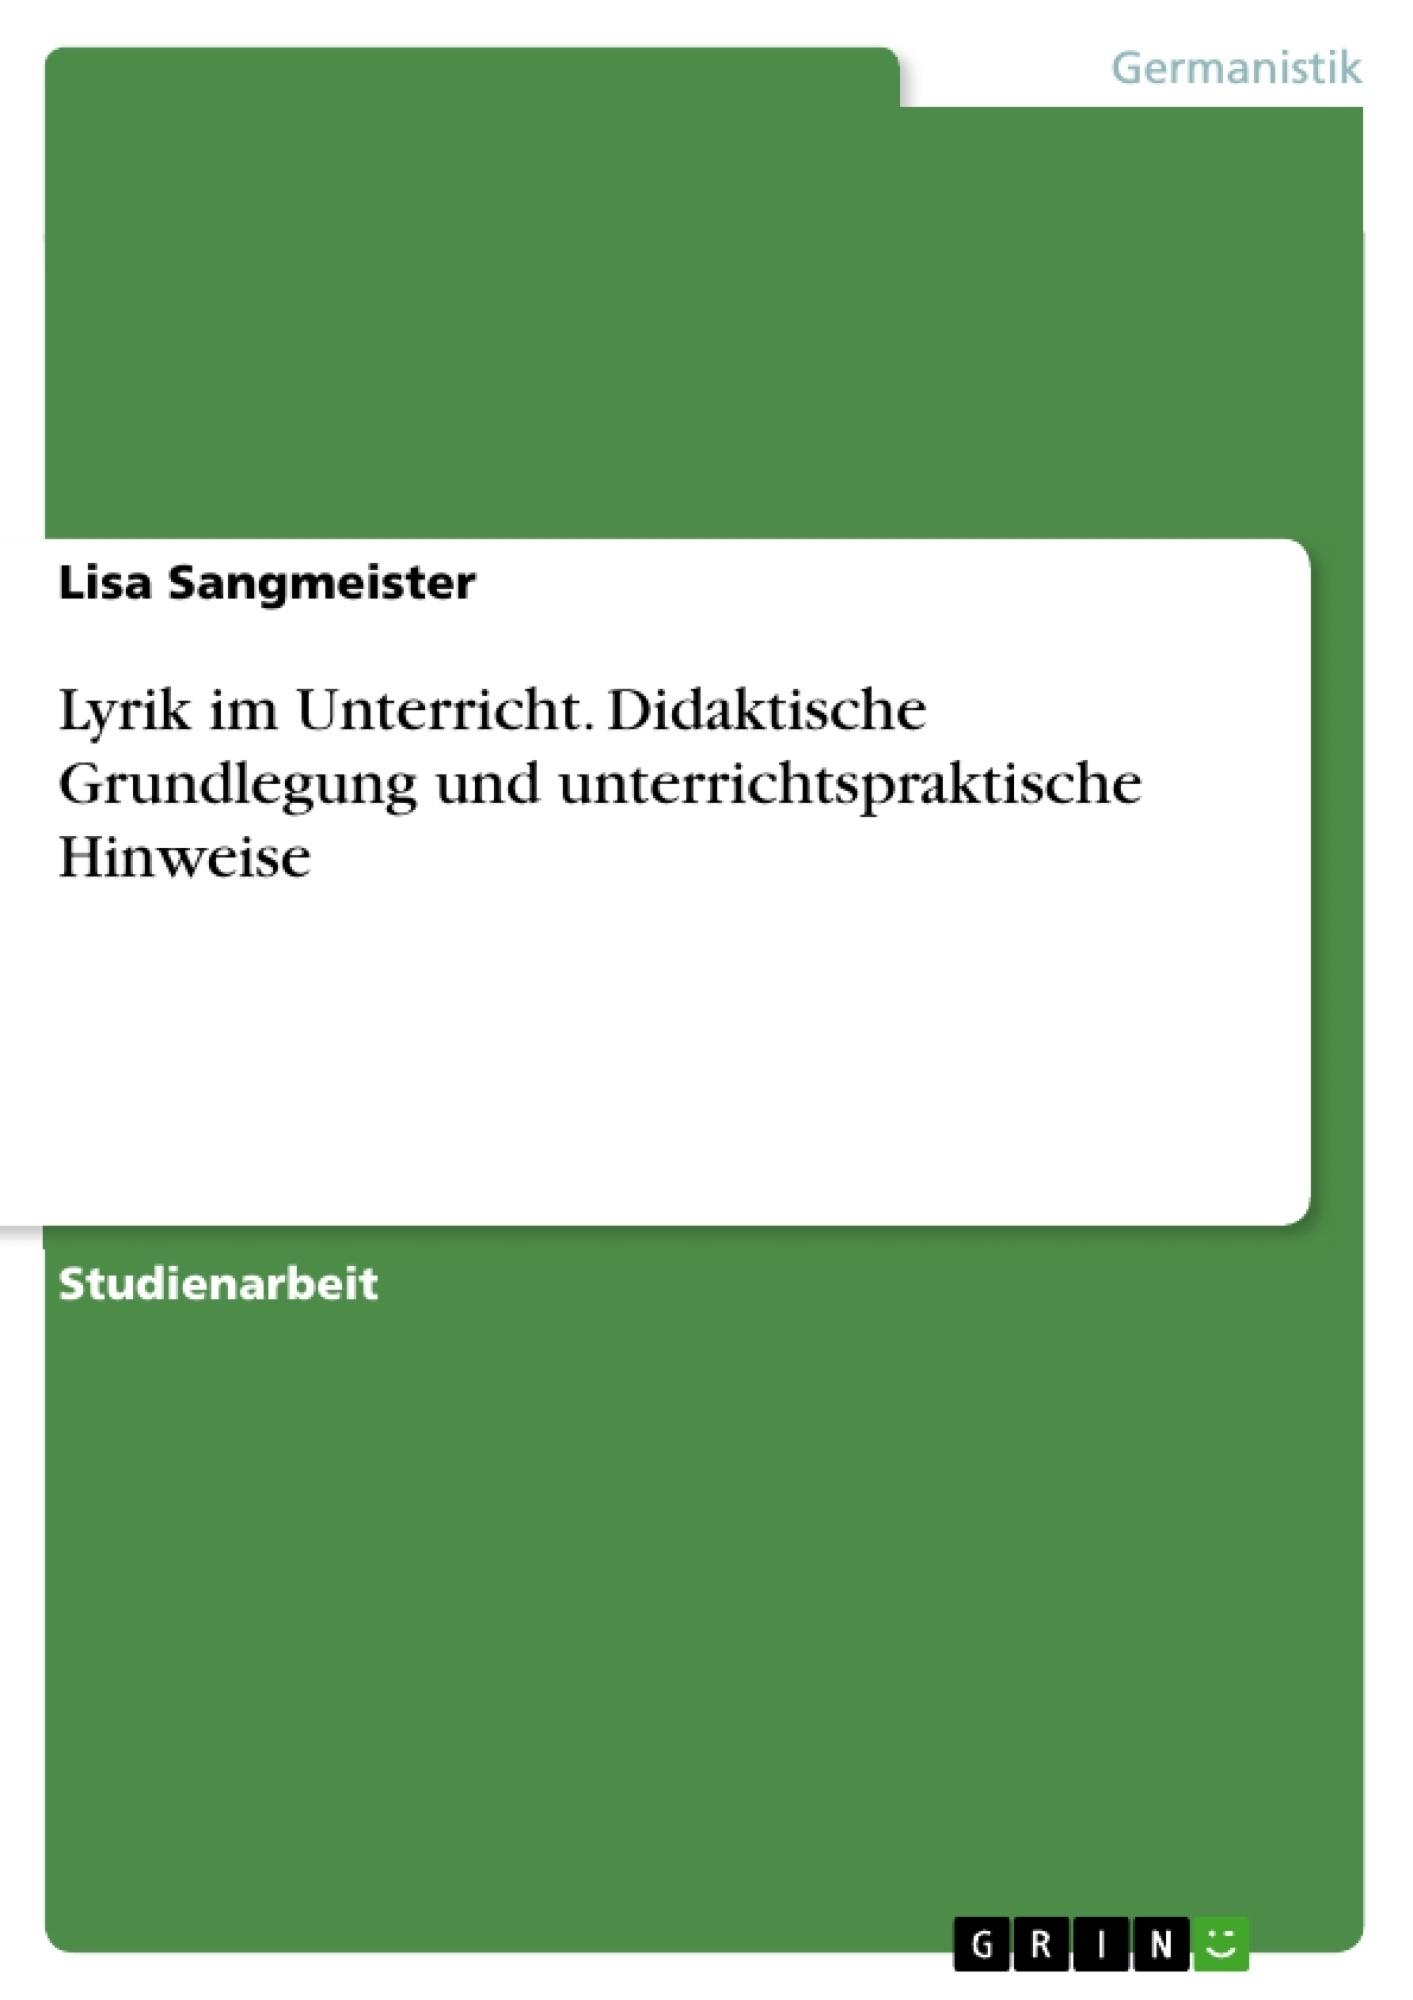 Titel: Lyrik im Unterricht. Didaktische Grundlegung und unterrichtspraktische Hinweise